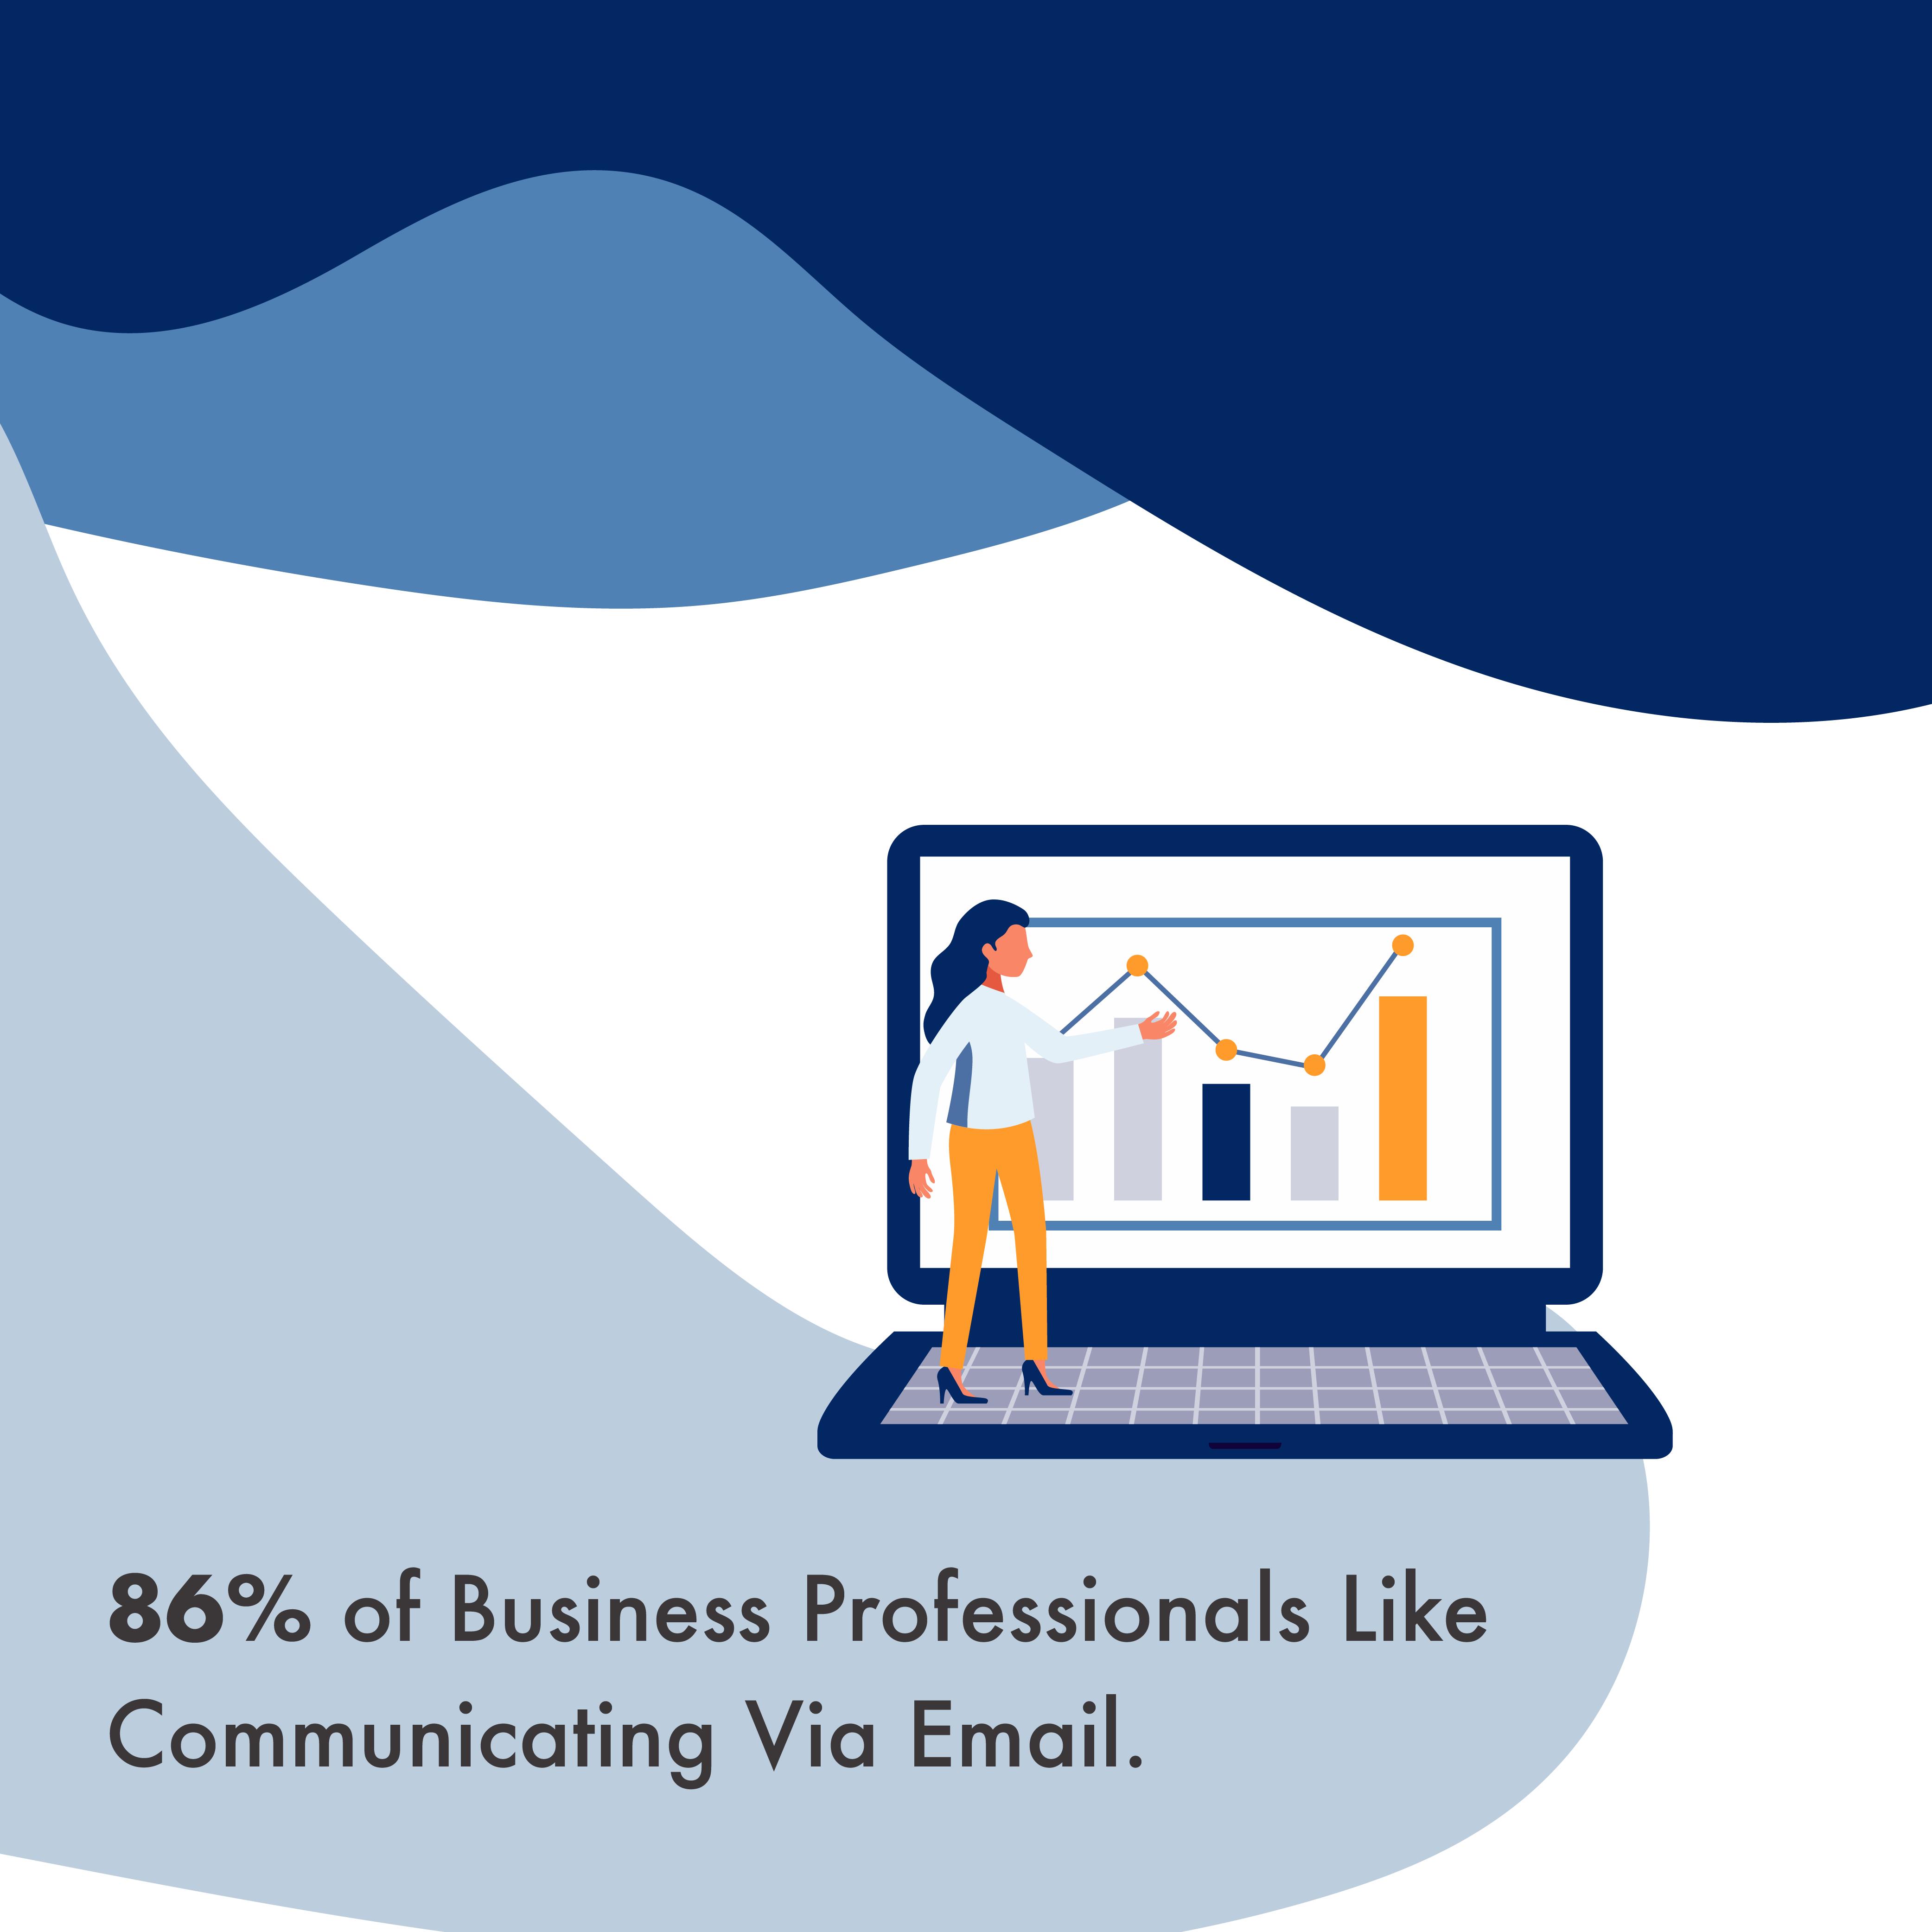 B2B Email Marketing Statistics